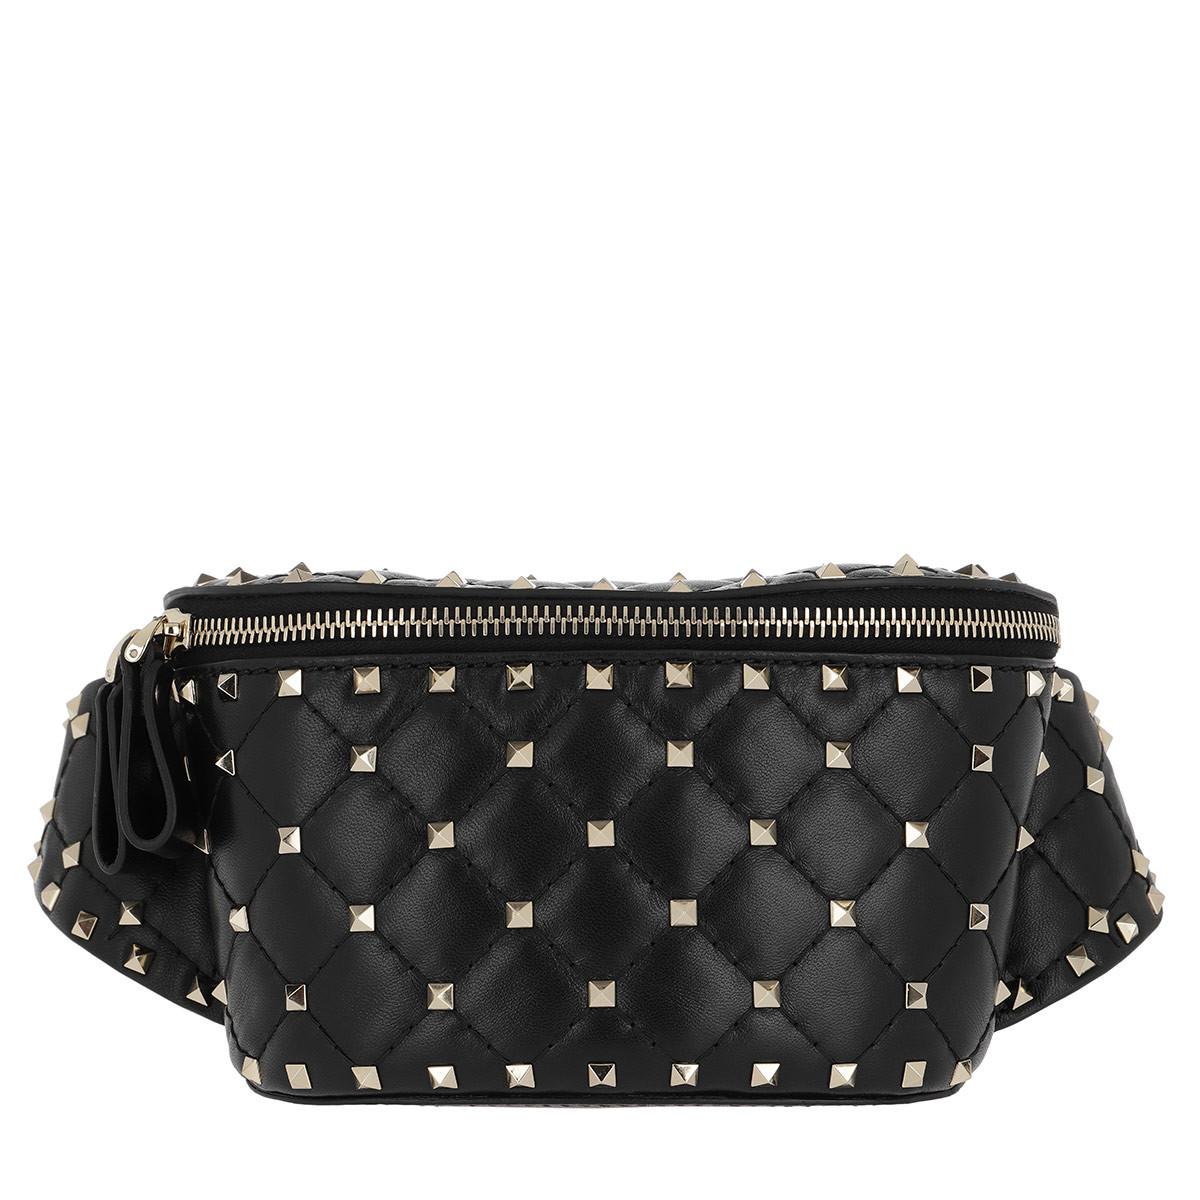 Valentino Gürteltasche - Rockstud Spike Small Nappa Belt Bag Black - in schwarz - für Damen